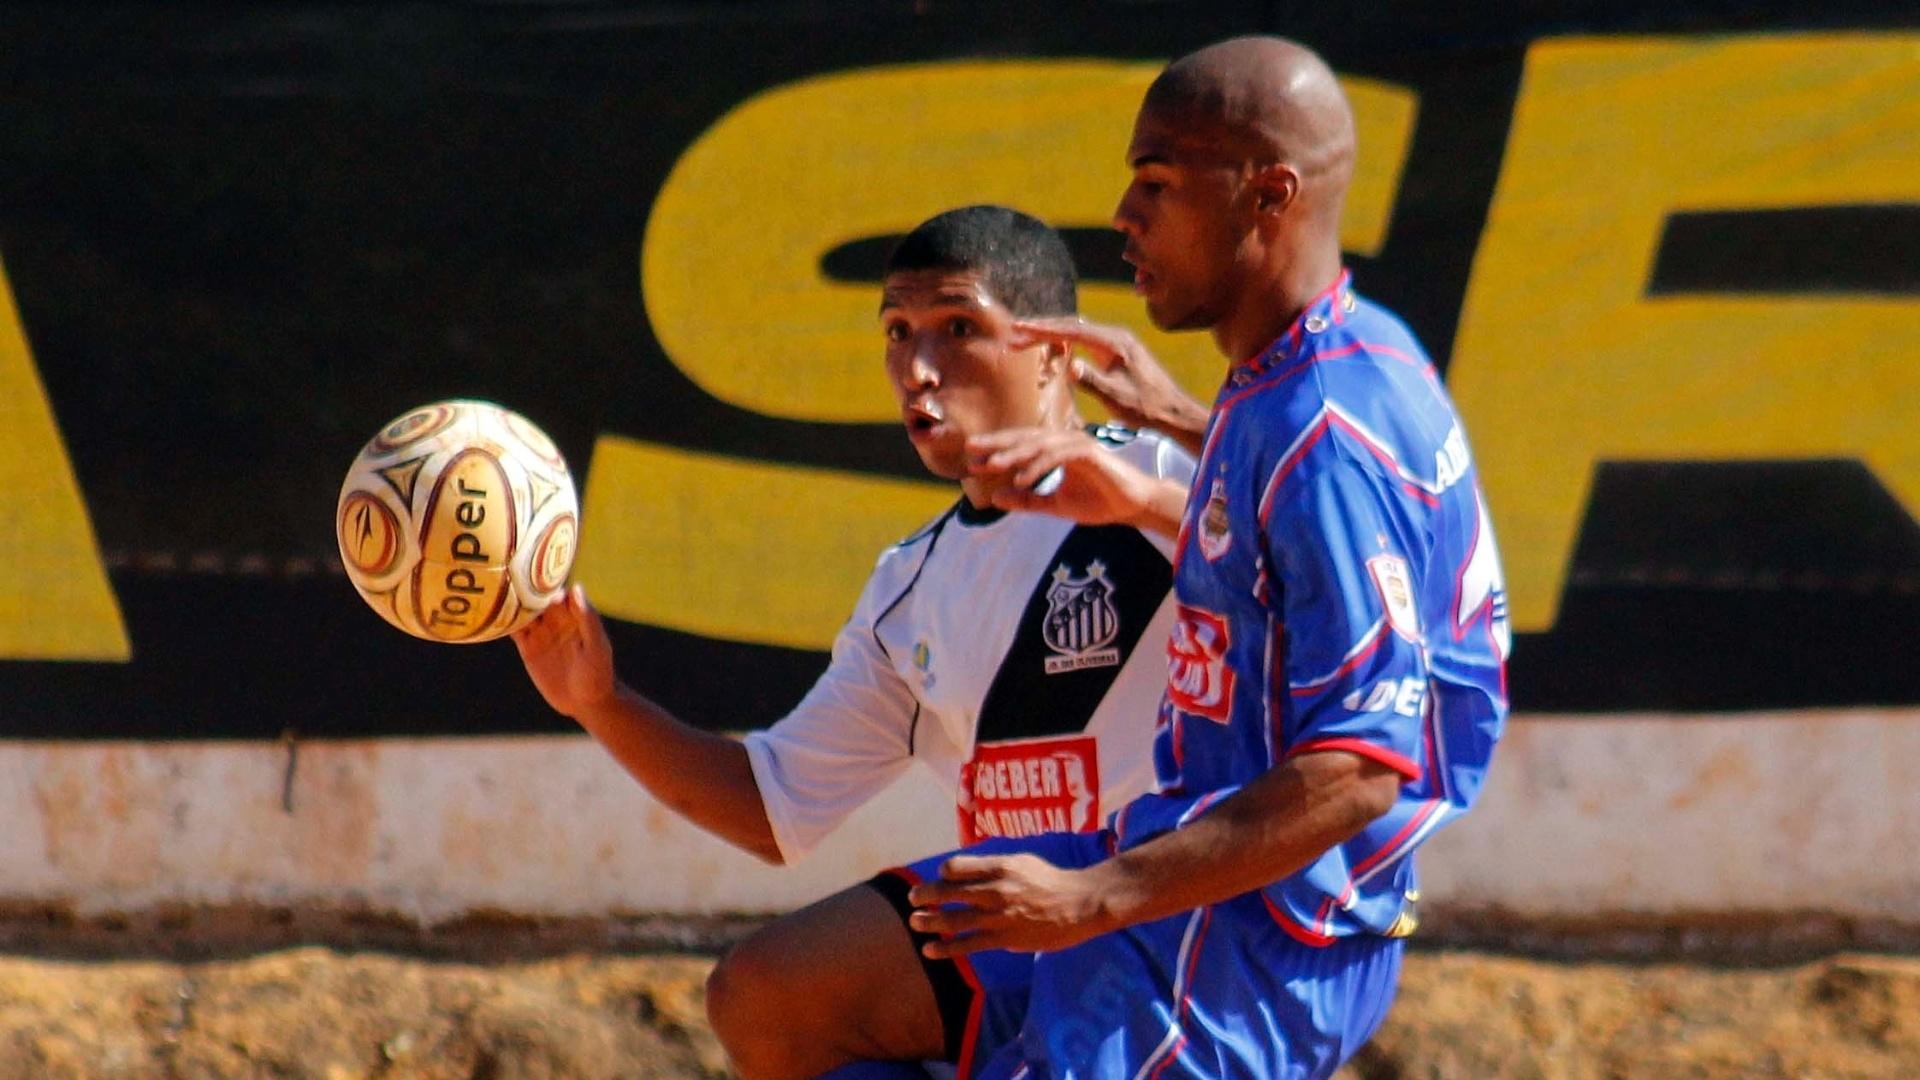 O Santos (branco) não encaixou o jogo e perdeu para o Adega (azul) por 1 a 0